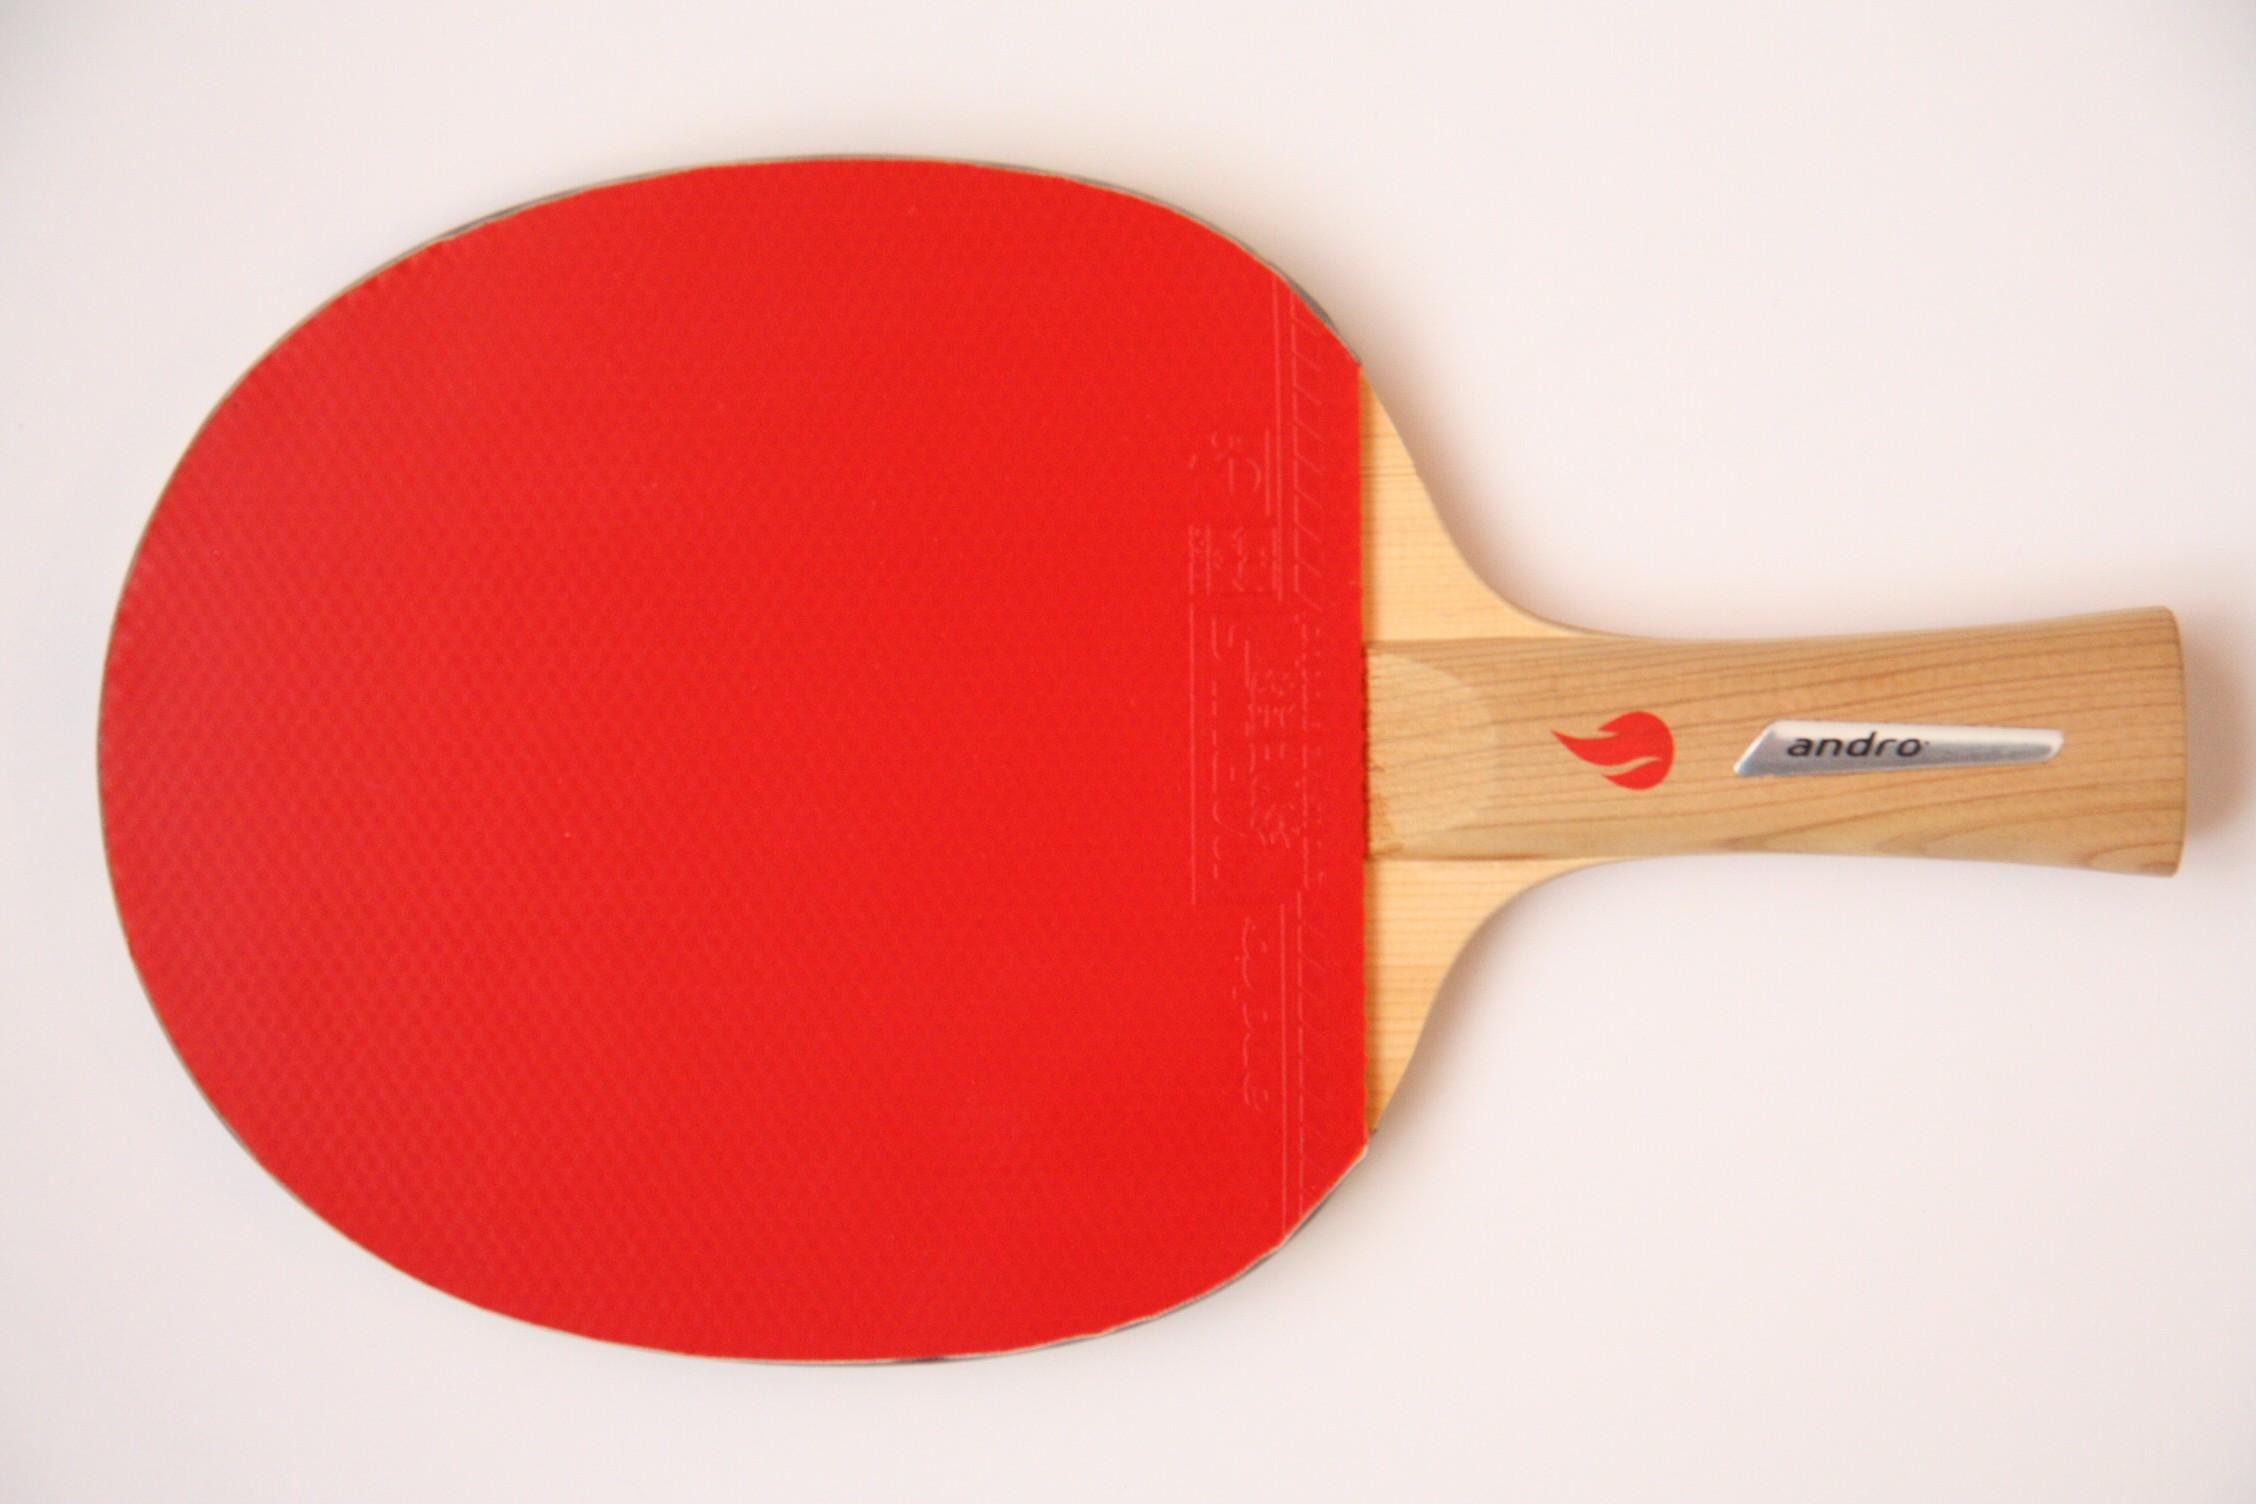 Накладки андро для настольного тенниса